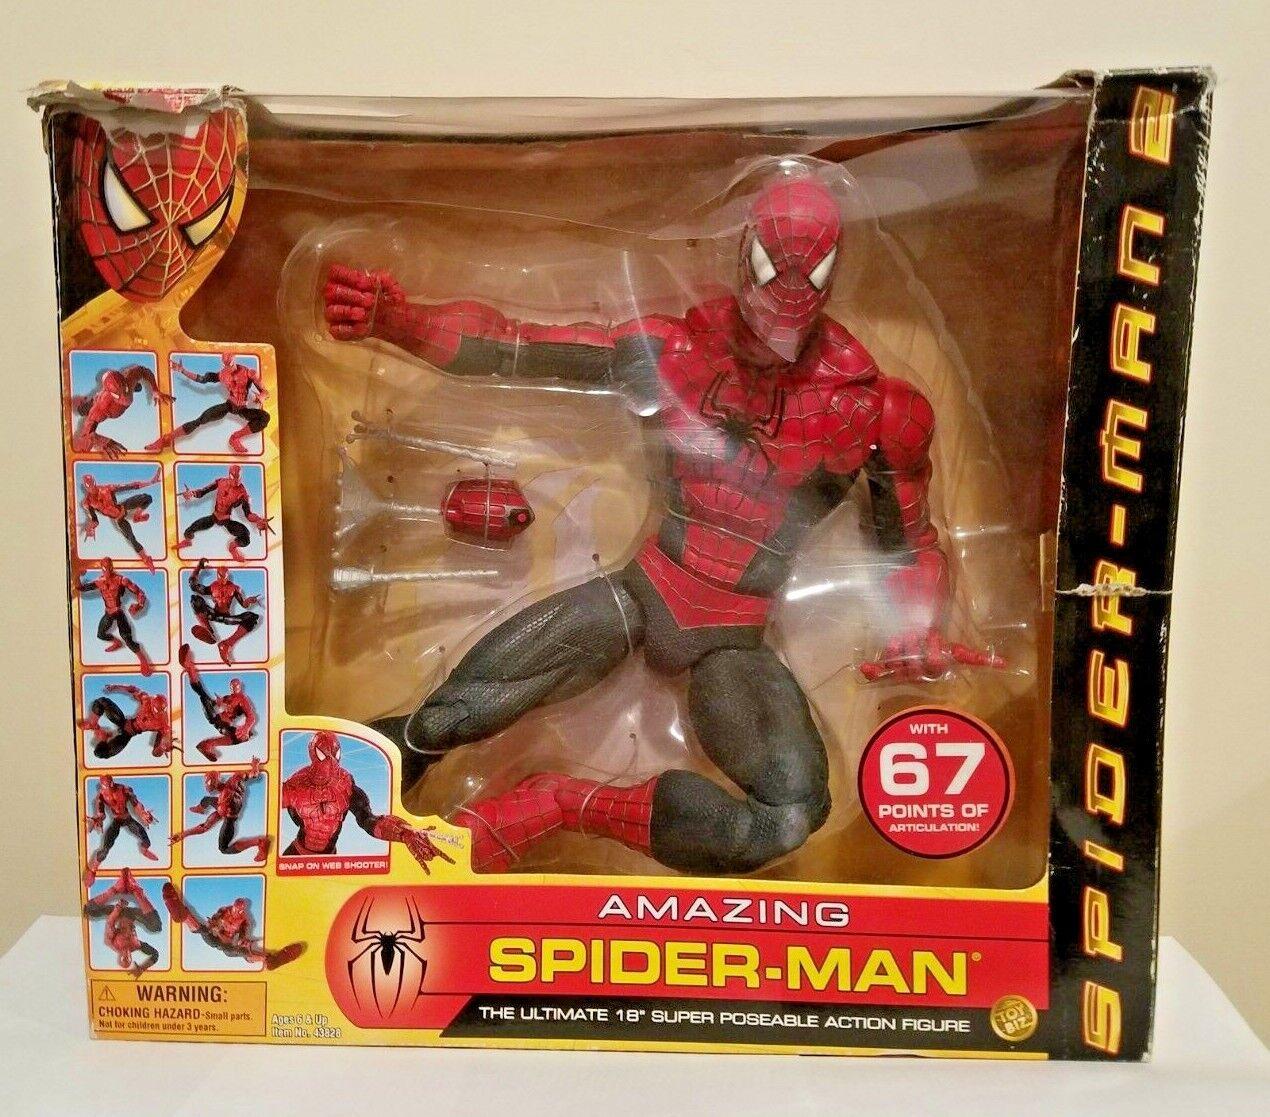 TOY BIZ SPIDER-MAN 2 THE MOVIE 18 INCH AMAZING SPIDER-MAN SUPER POSEABLE FIGURE